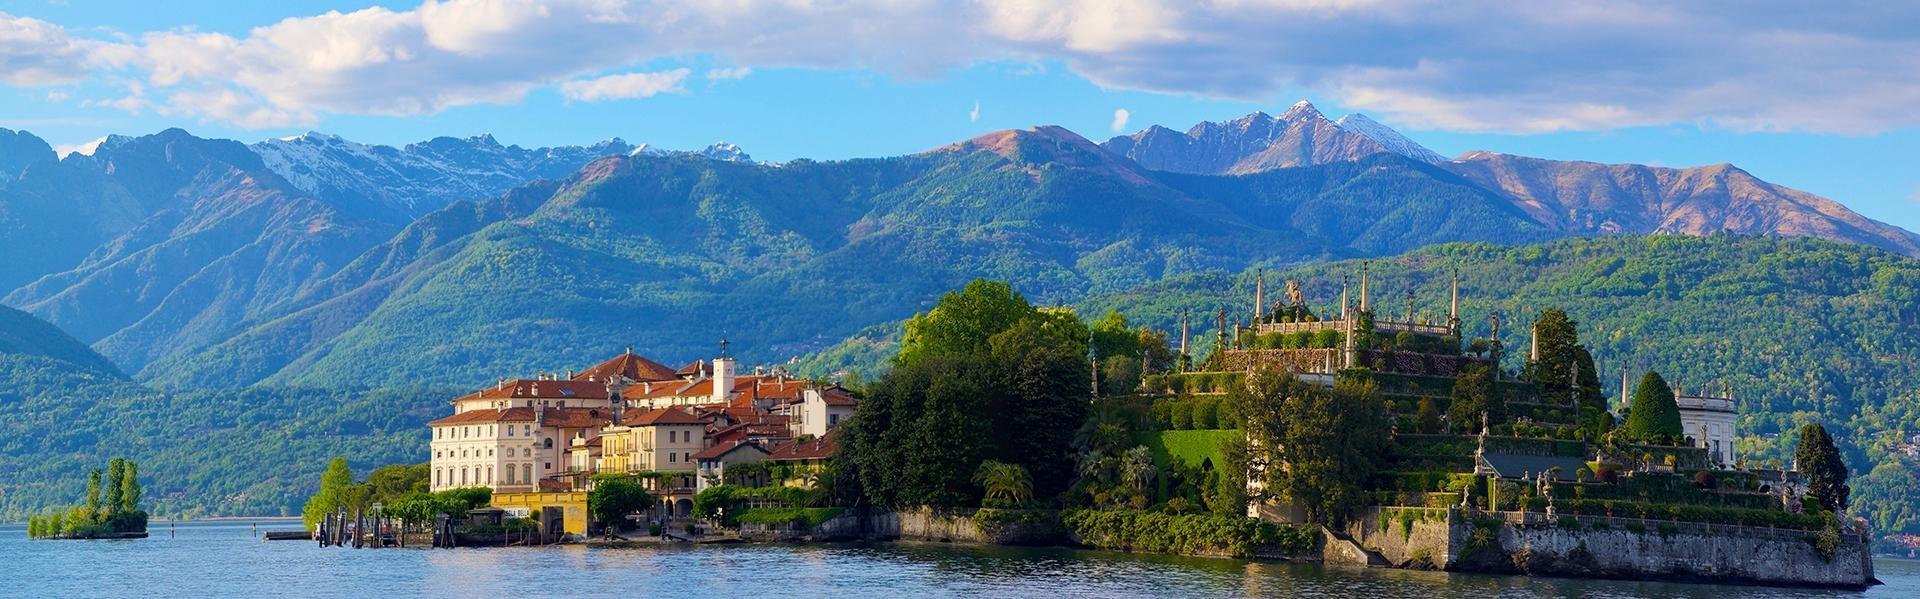 Isola Bella in Lago Maggiore, Italië